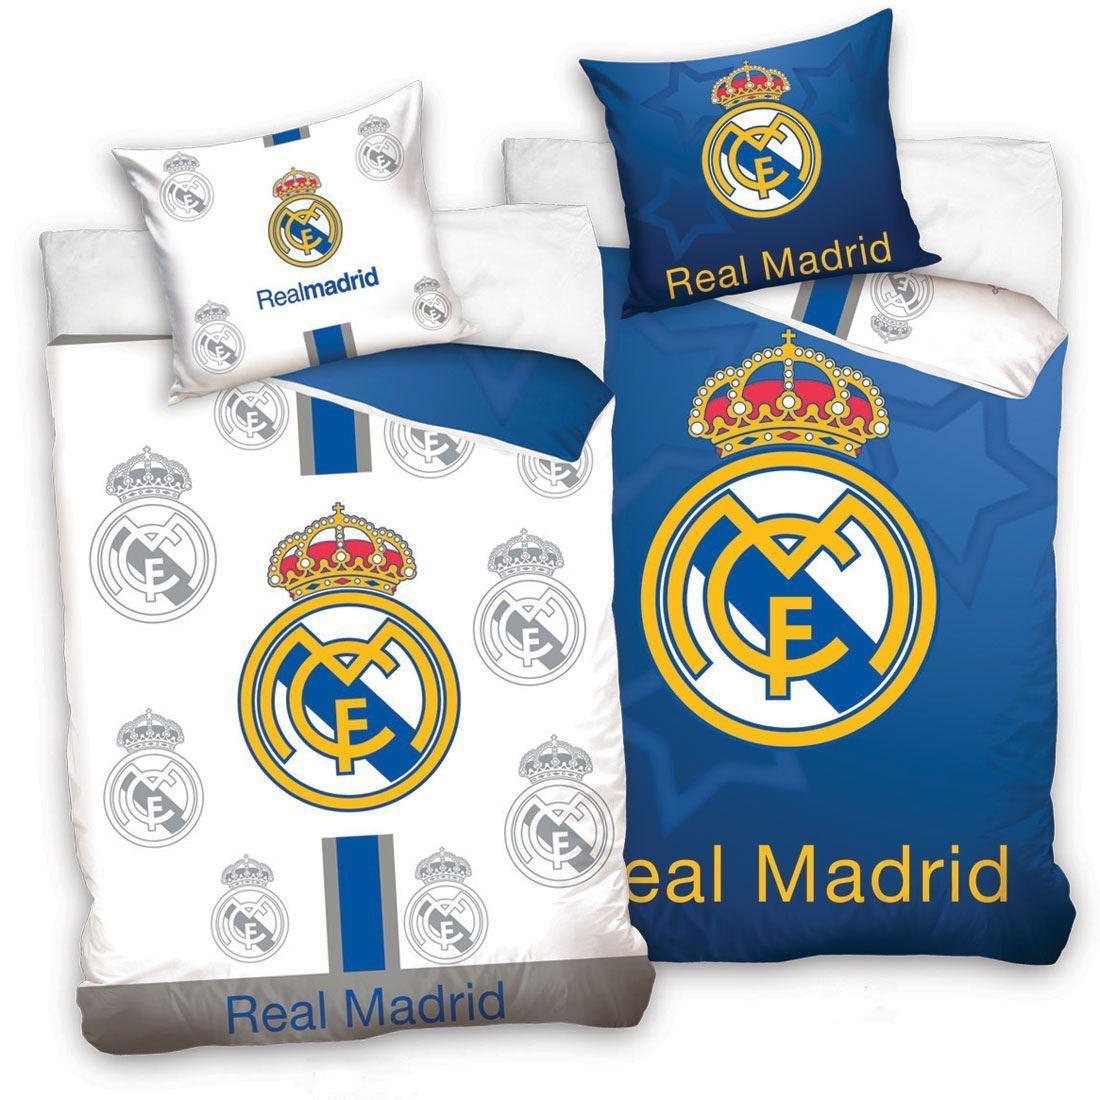 2faf73f32 Futbalové kluby (všetky) | Real Madrid posteľné obliečky - SKLADOM ...